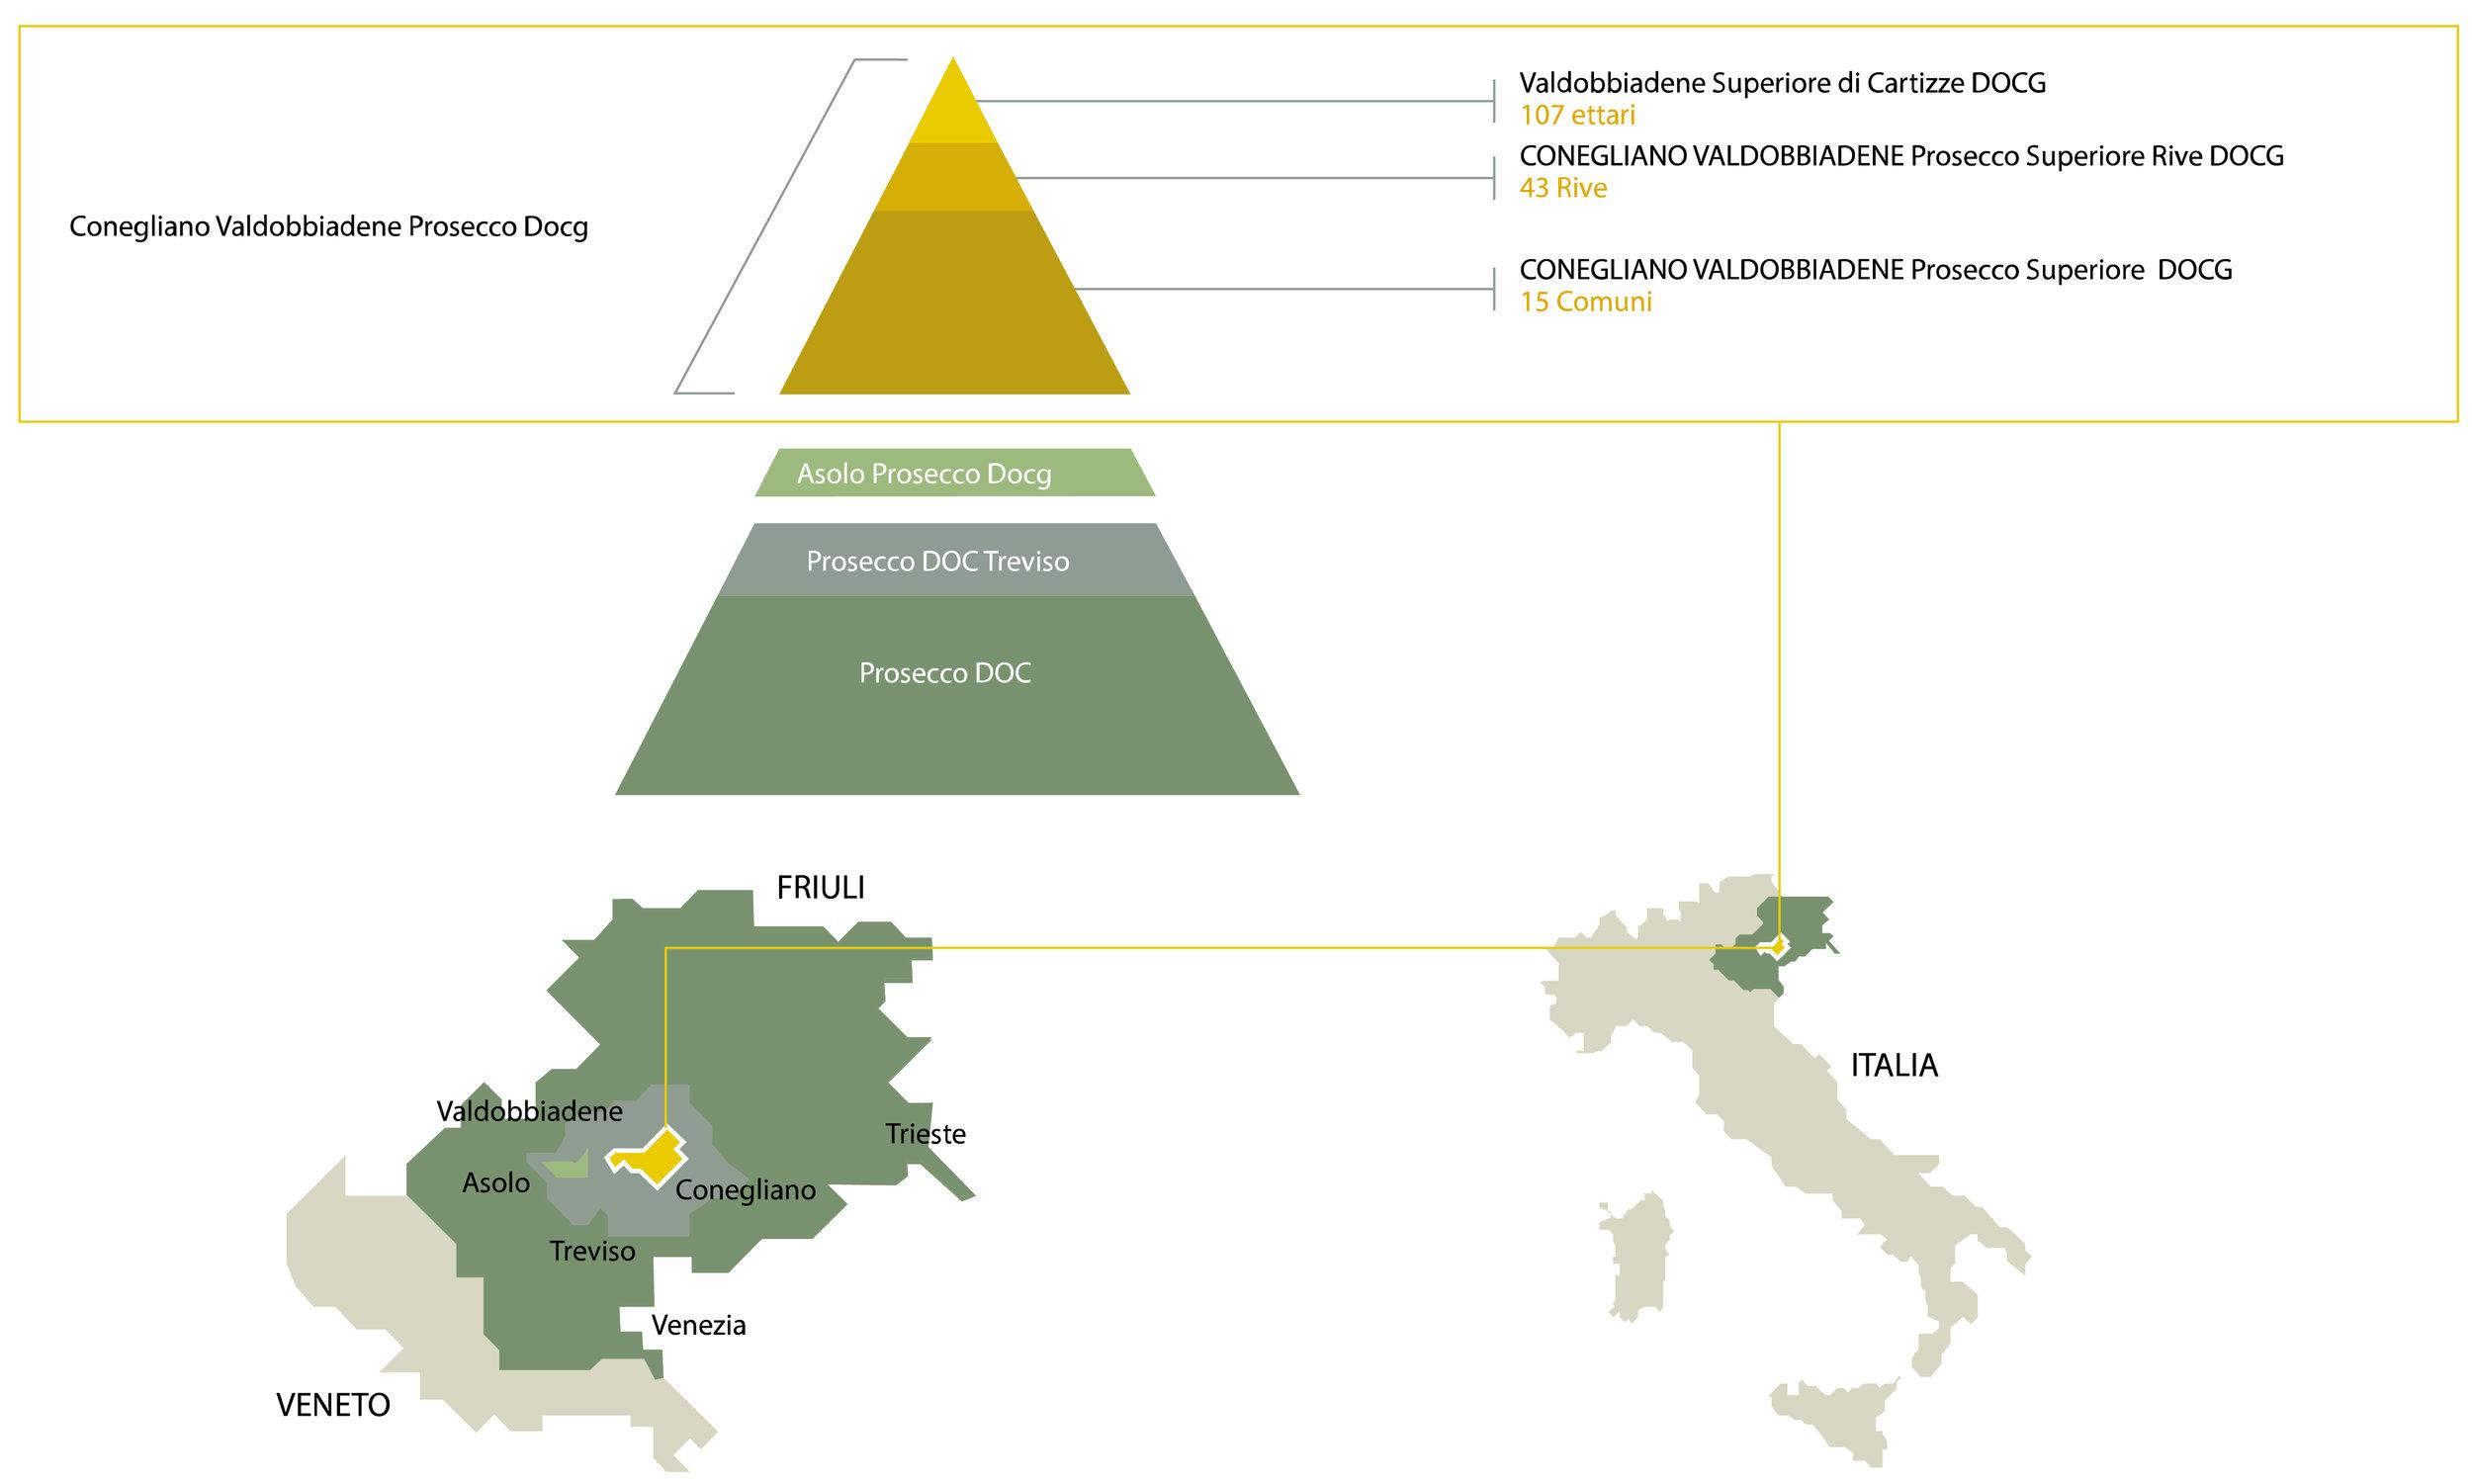 piramide-01.jpg